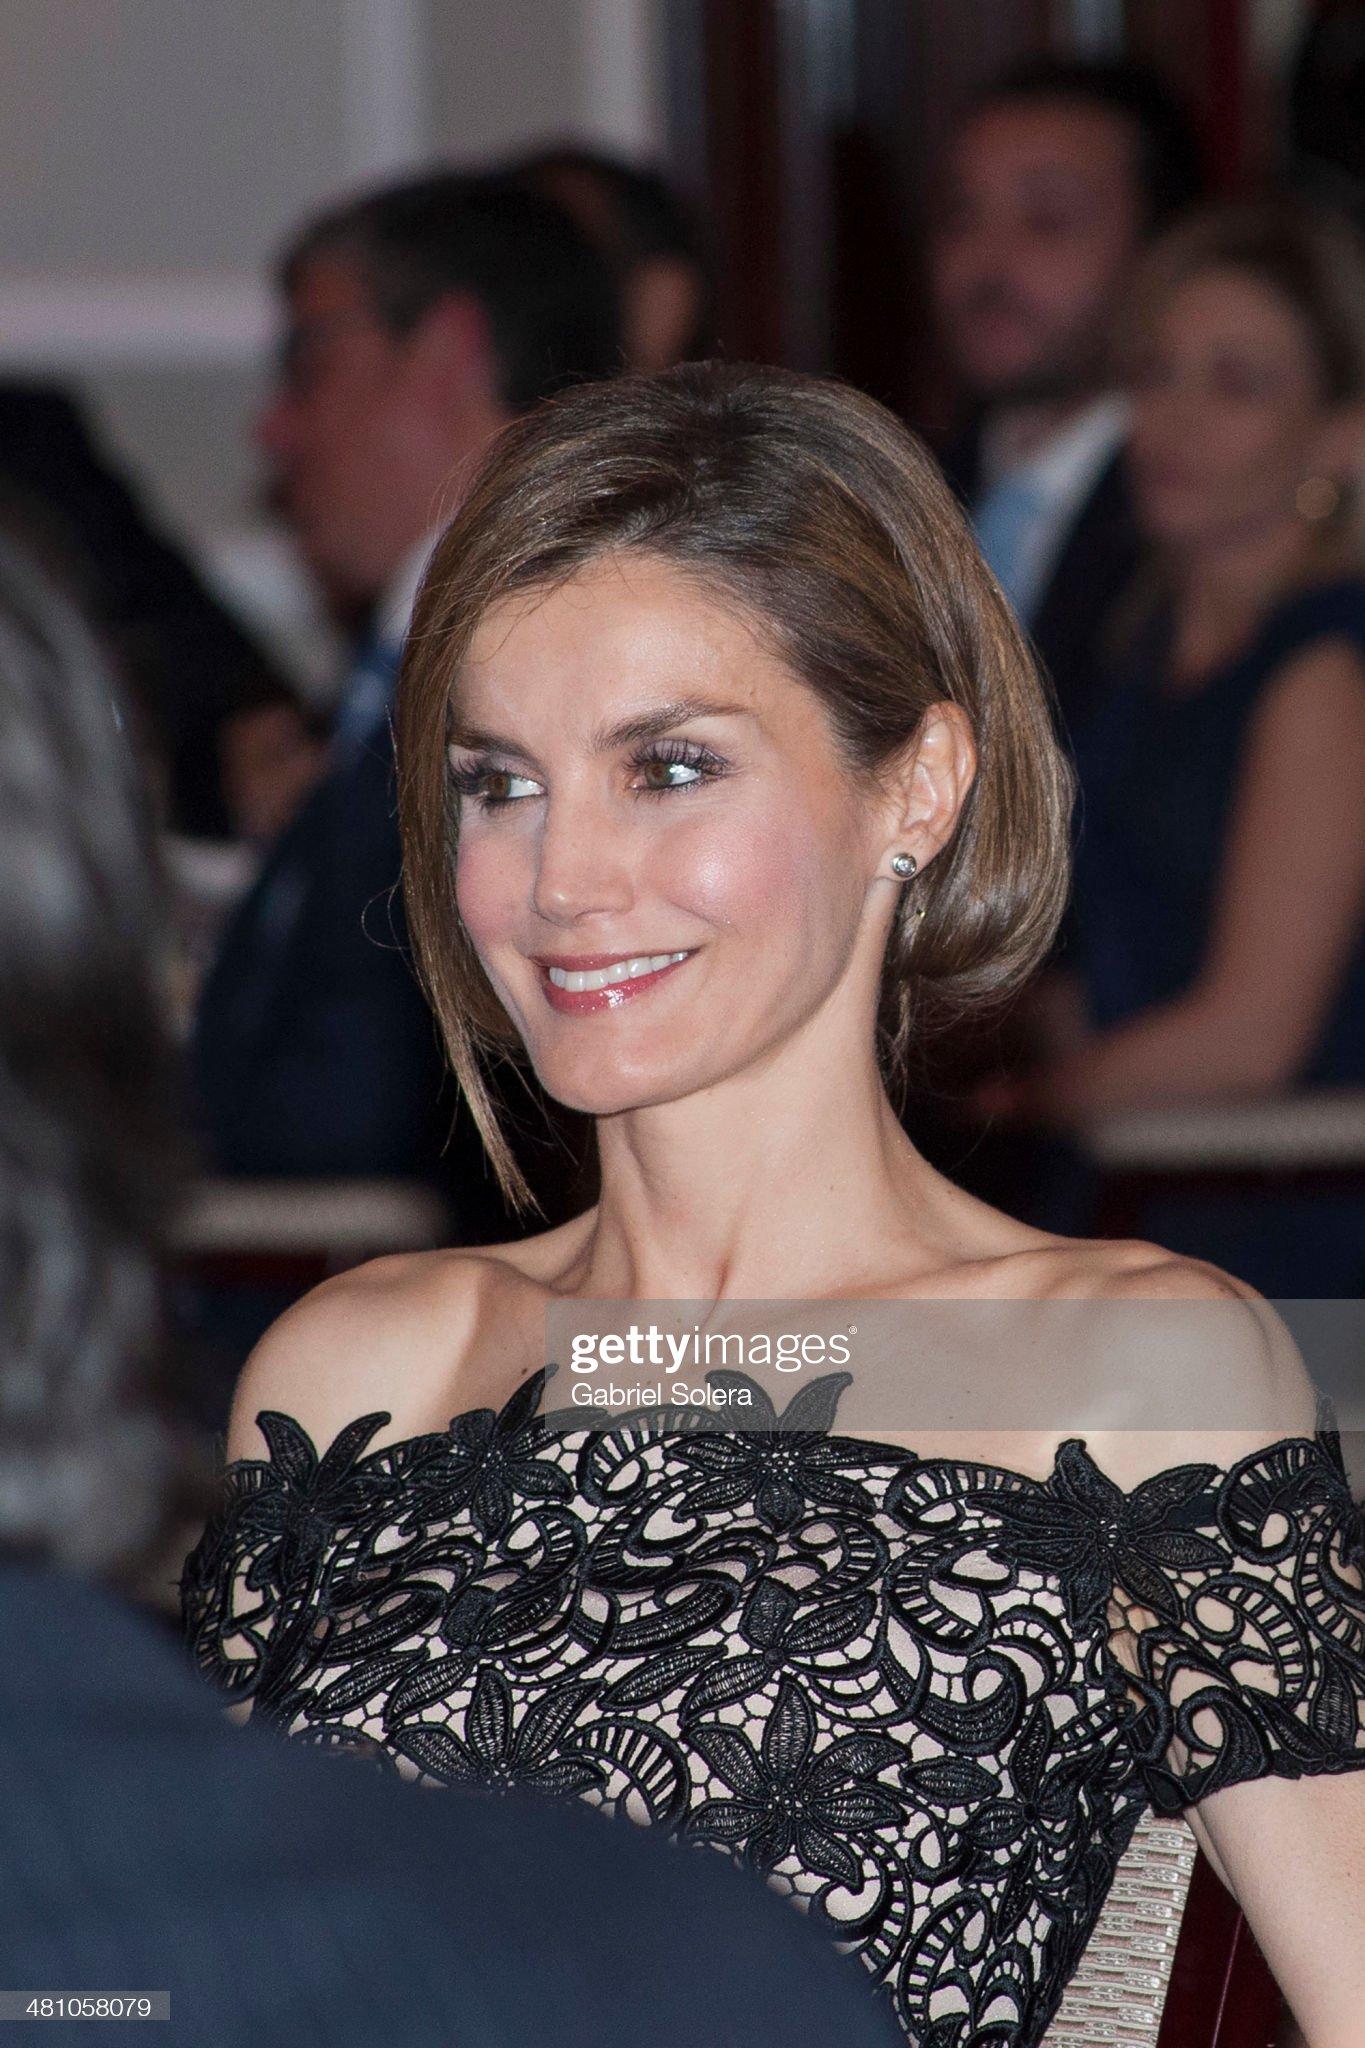 Вечерние наряды Королевы Летиции Spanish Royals Attend 'Young Businessman' National Awards 2014 : News Photo